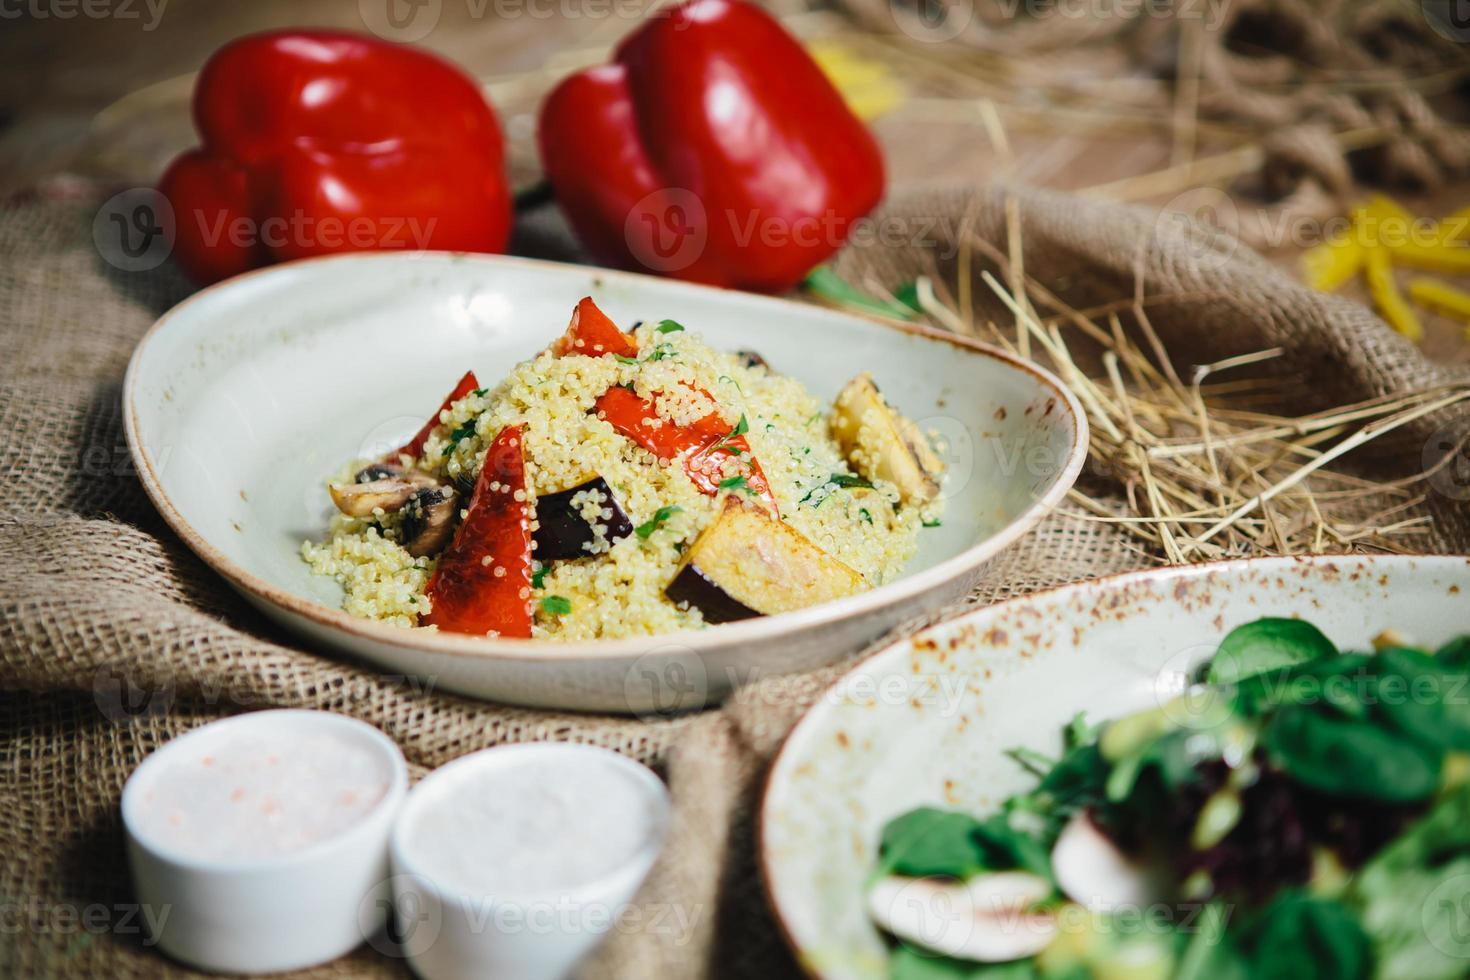 quinoasallad med tomater, majs och bönor foto